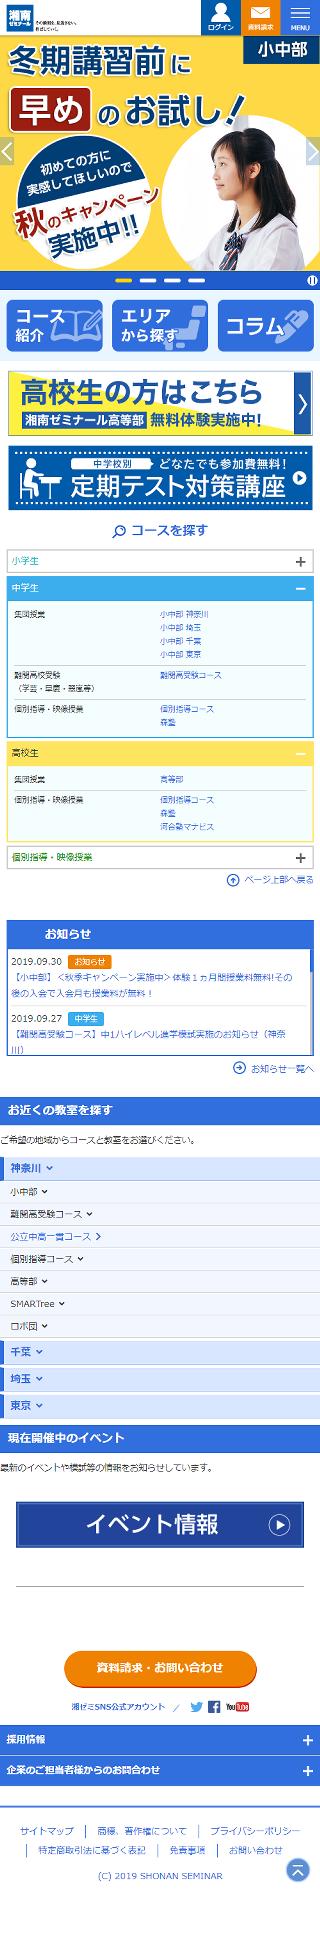 ホームページ制作実績湘南ゼミナール